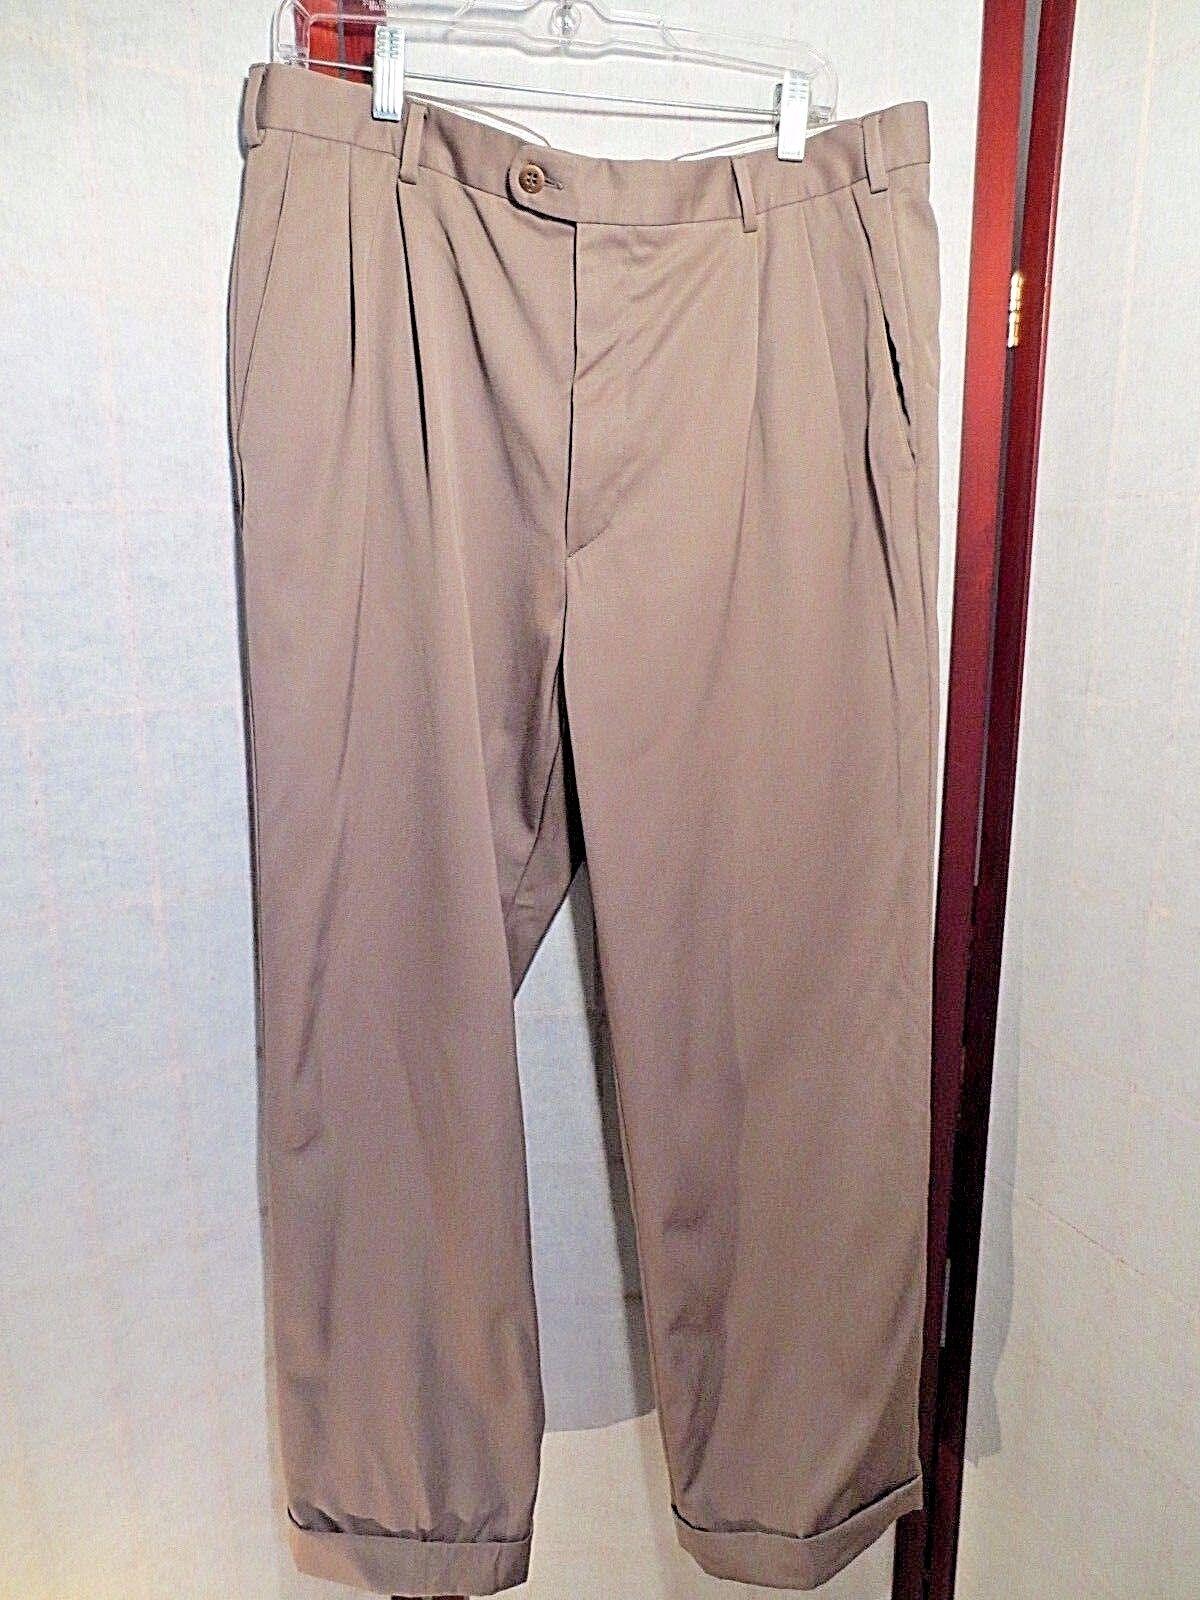 ZANELLA Dress Pants Bennett 36 32 brown Wool great